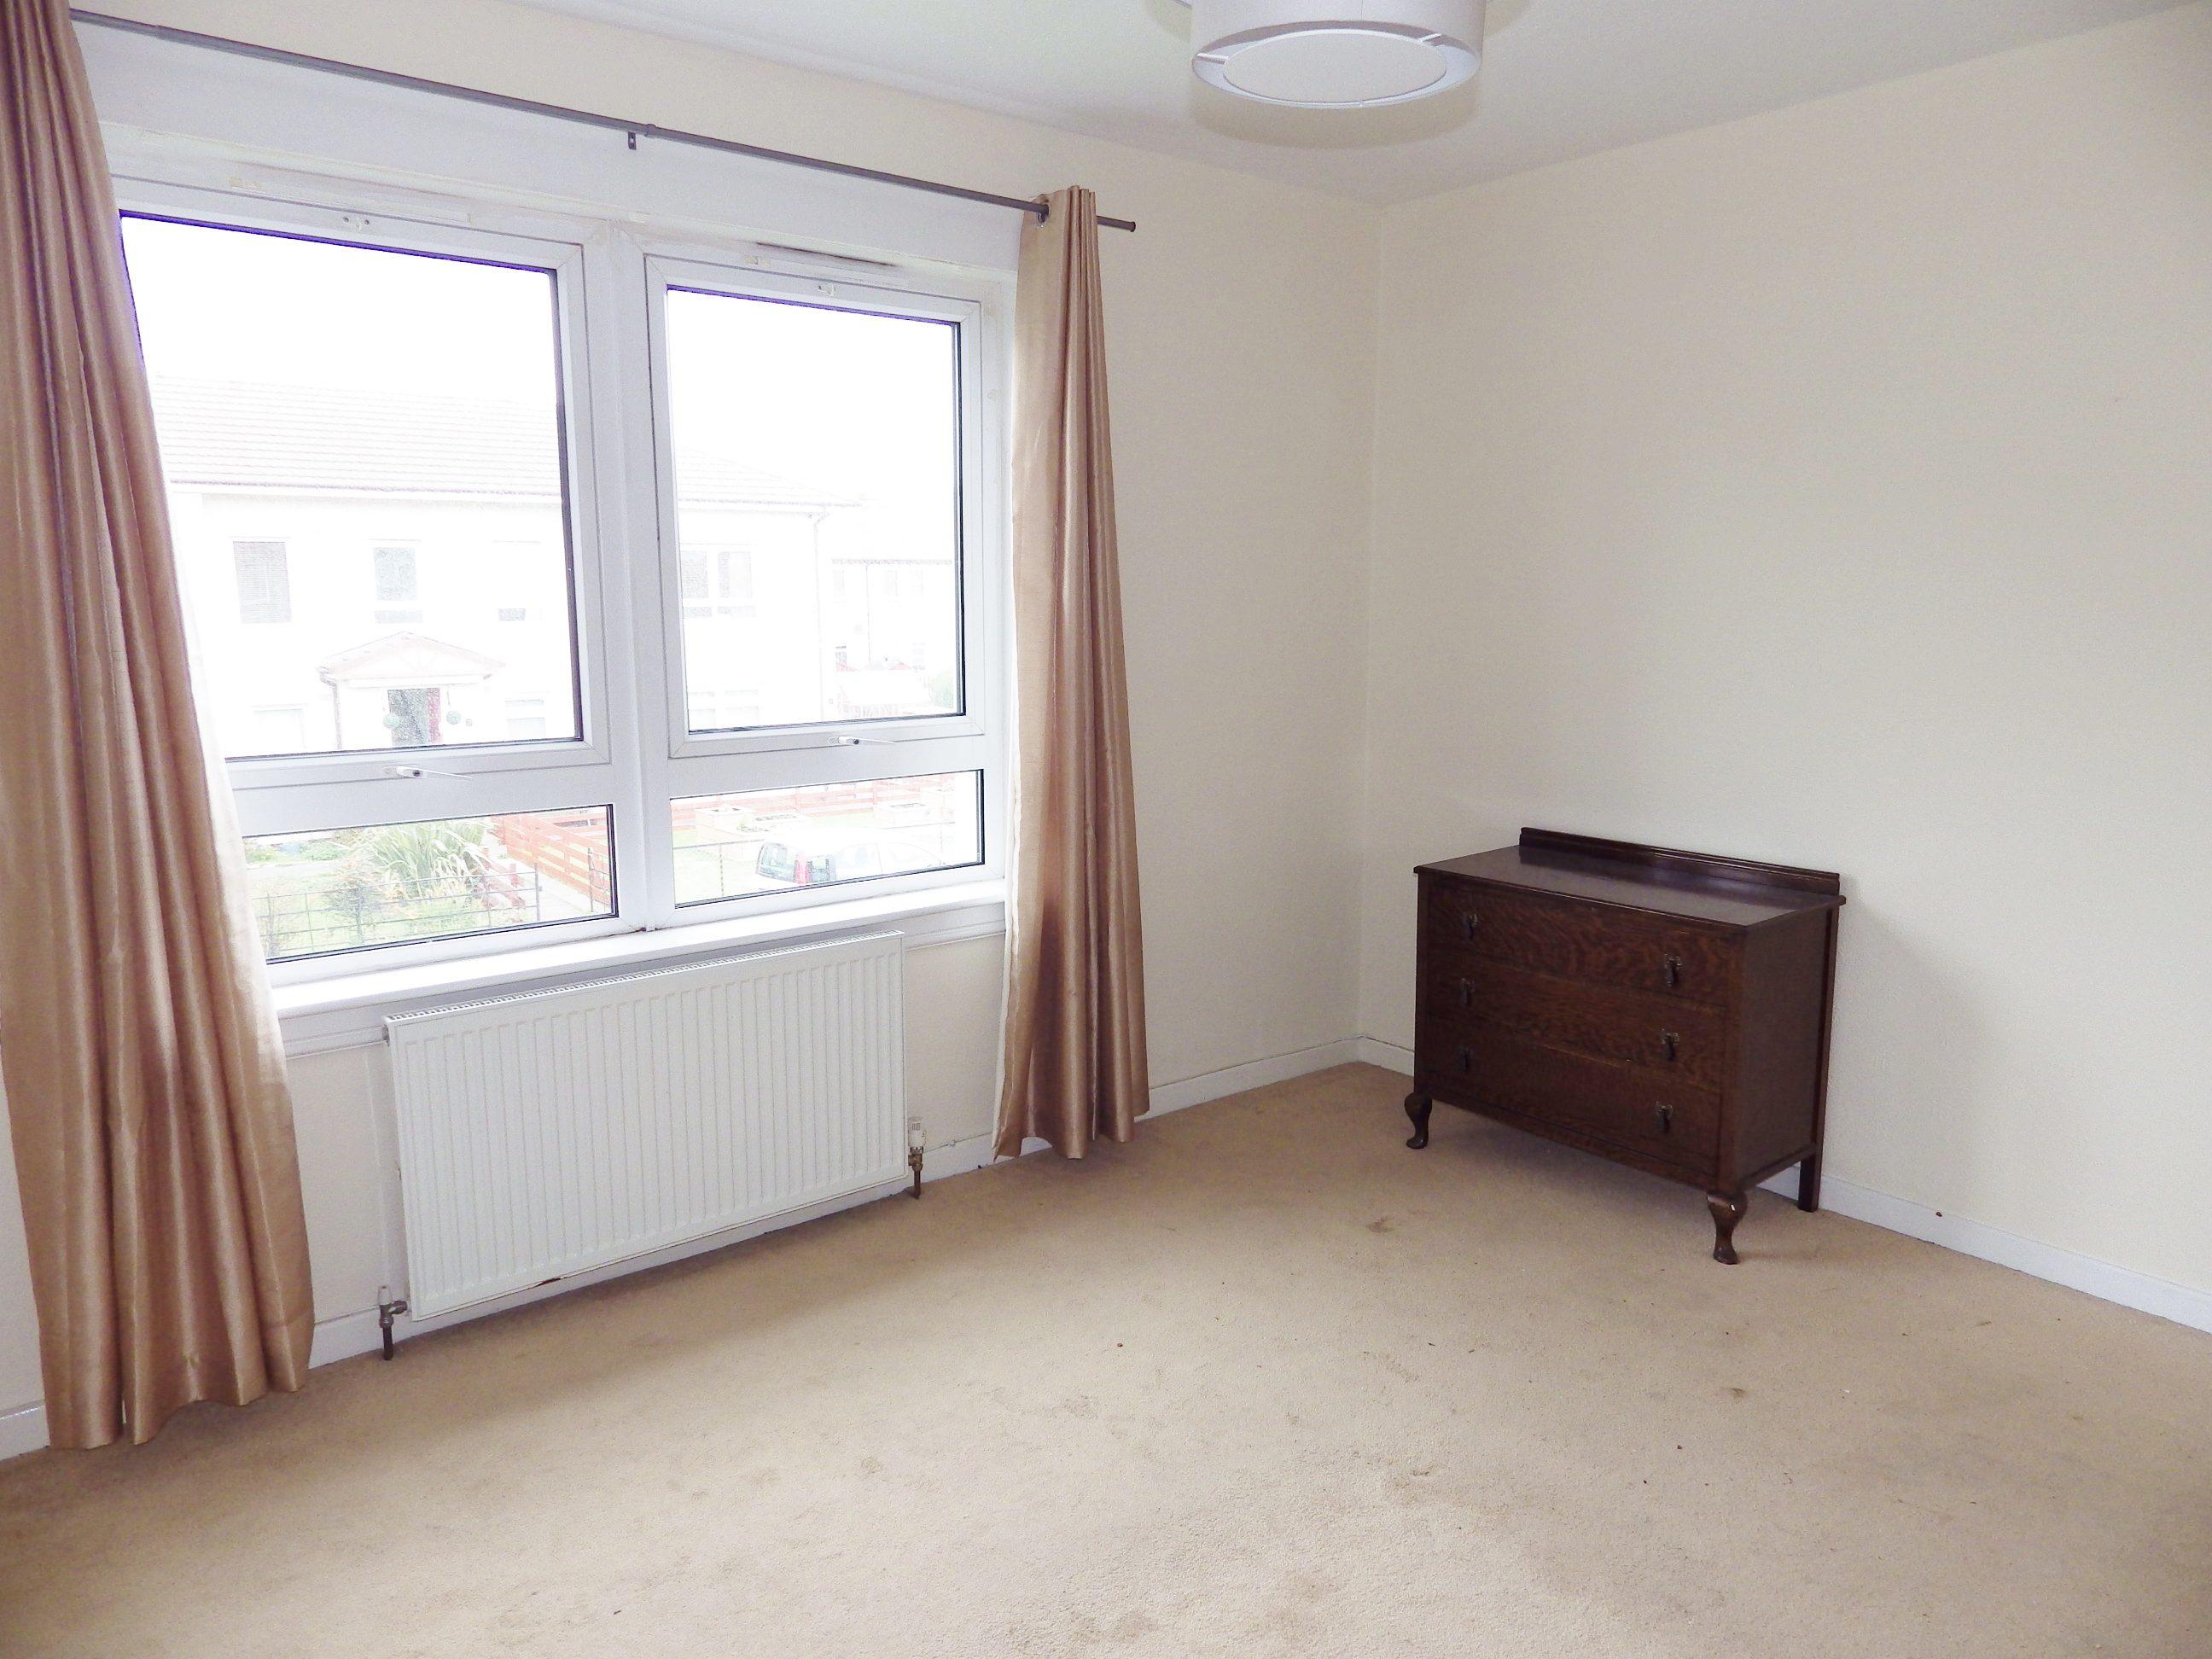 Restalrig Square 49 f2 Bedroom 4